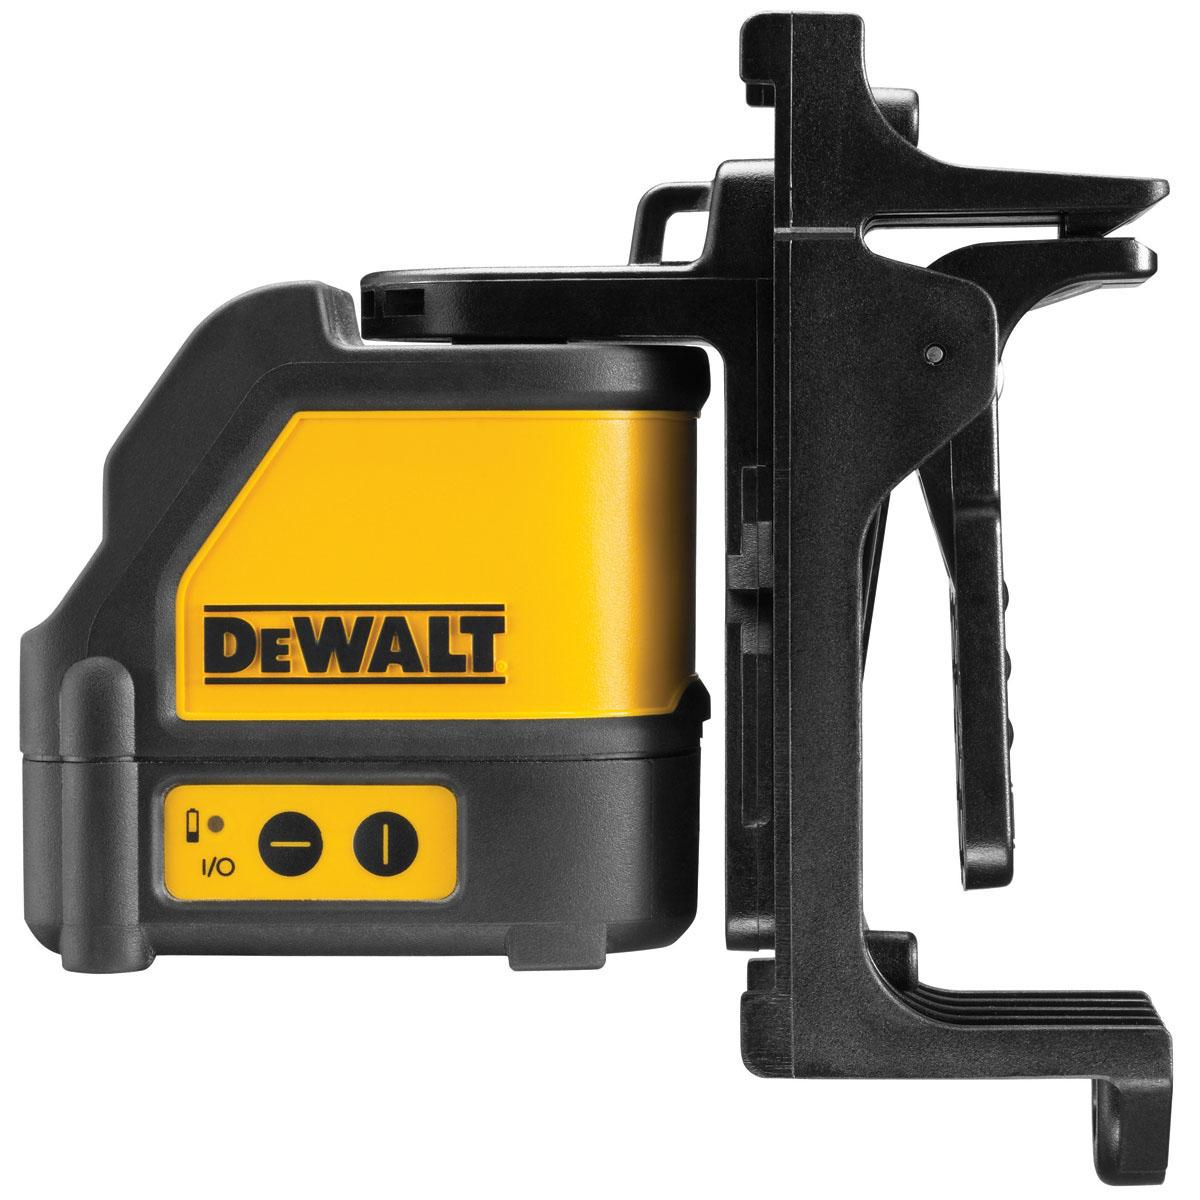 DeWALT DW088K-XJ - Self Levelling Cross Line Laser